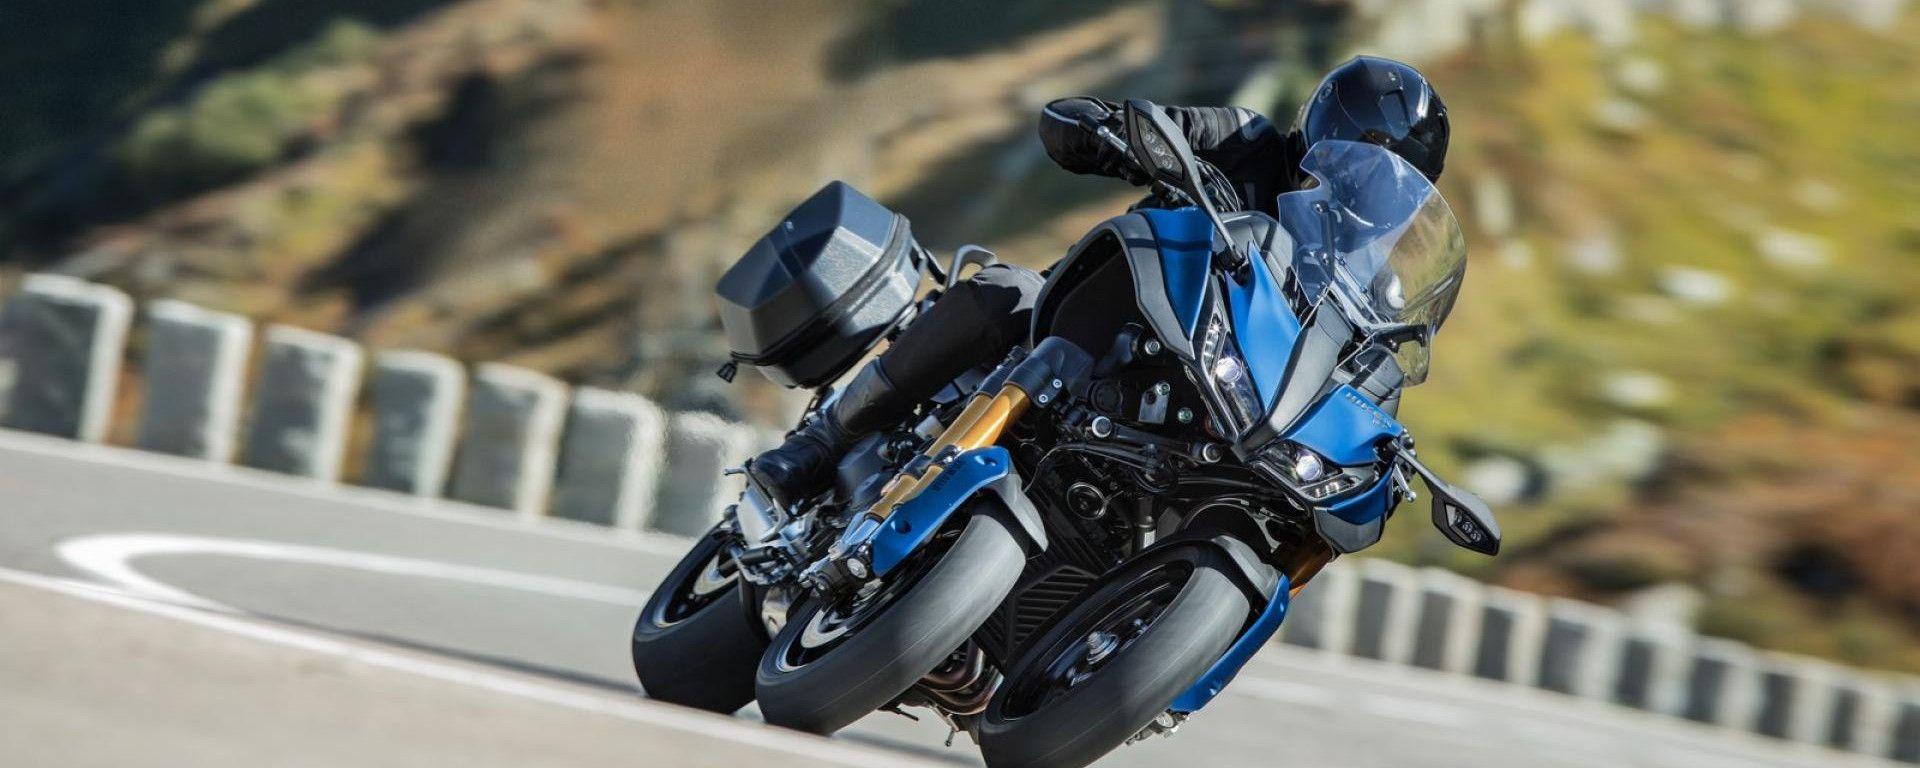 Yamaha Experience: le date per provare su strada la gamma 2019